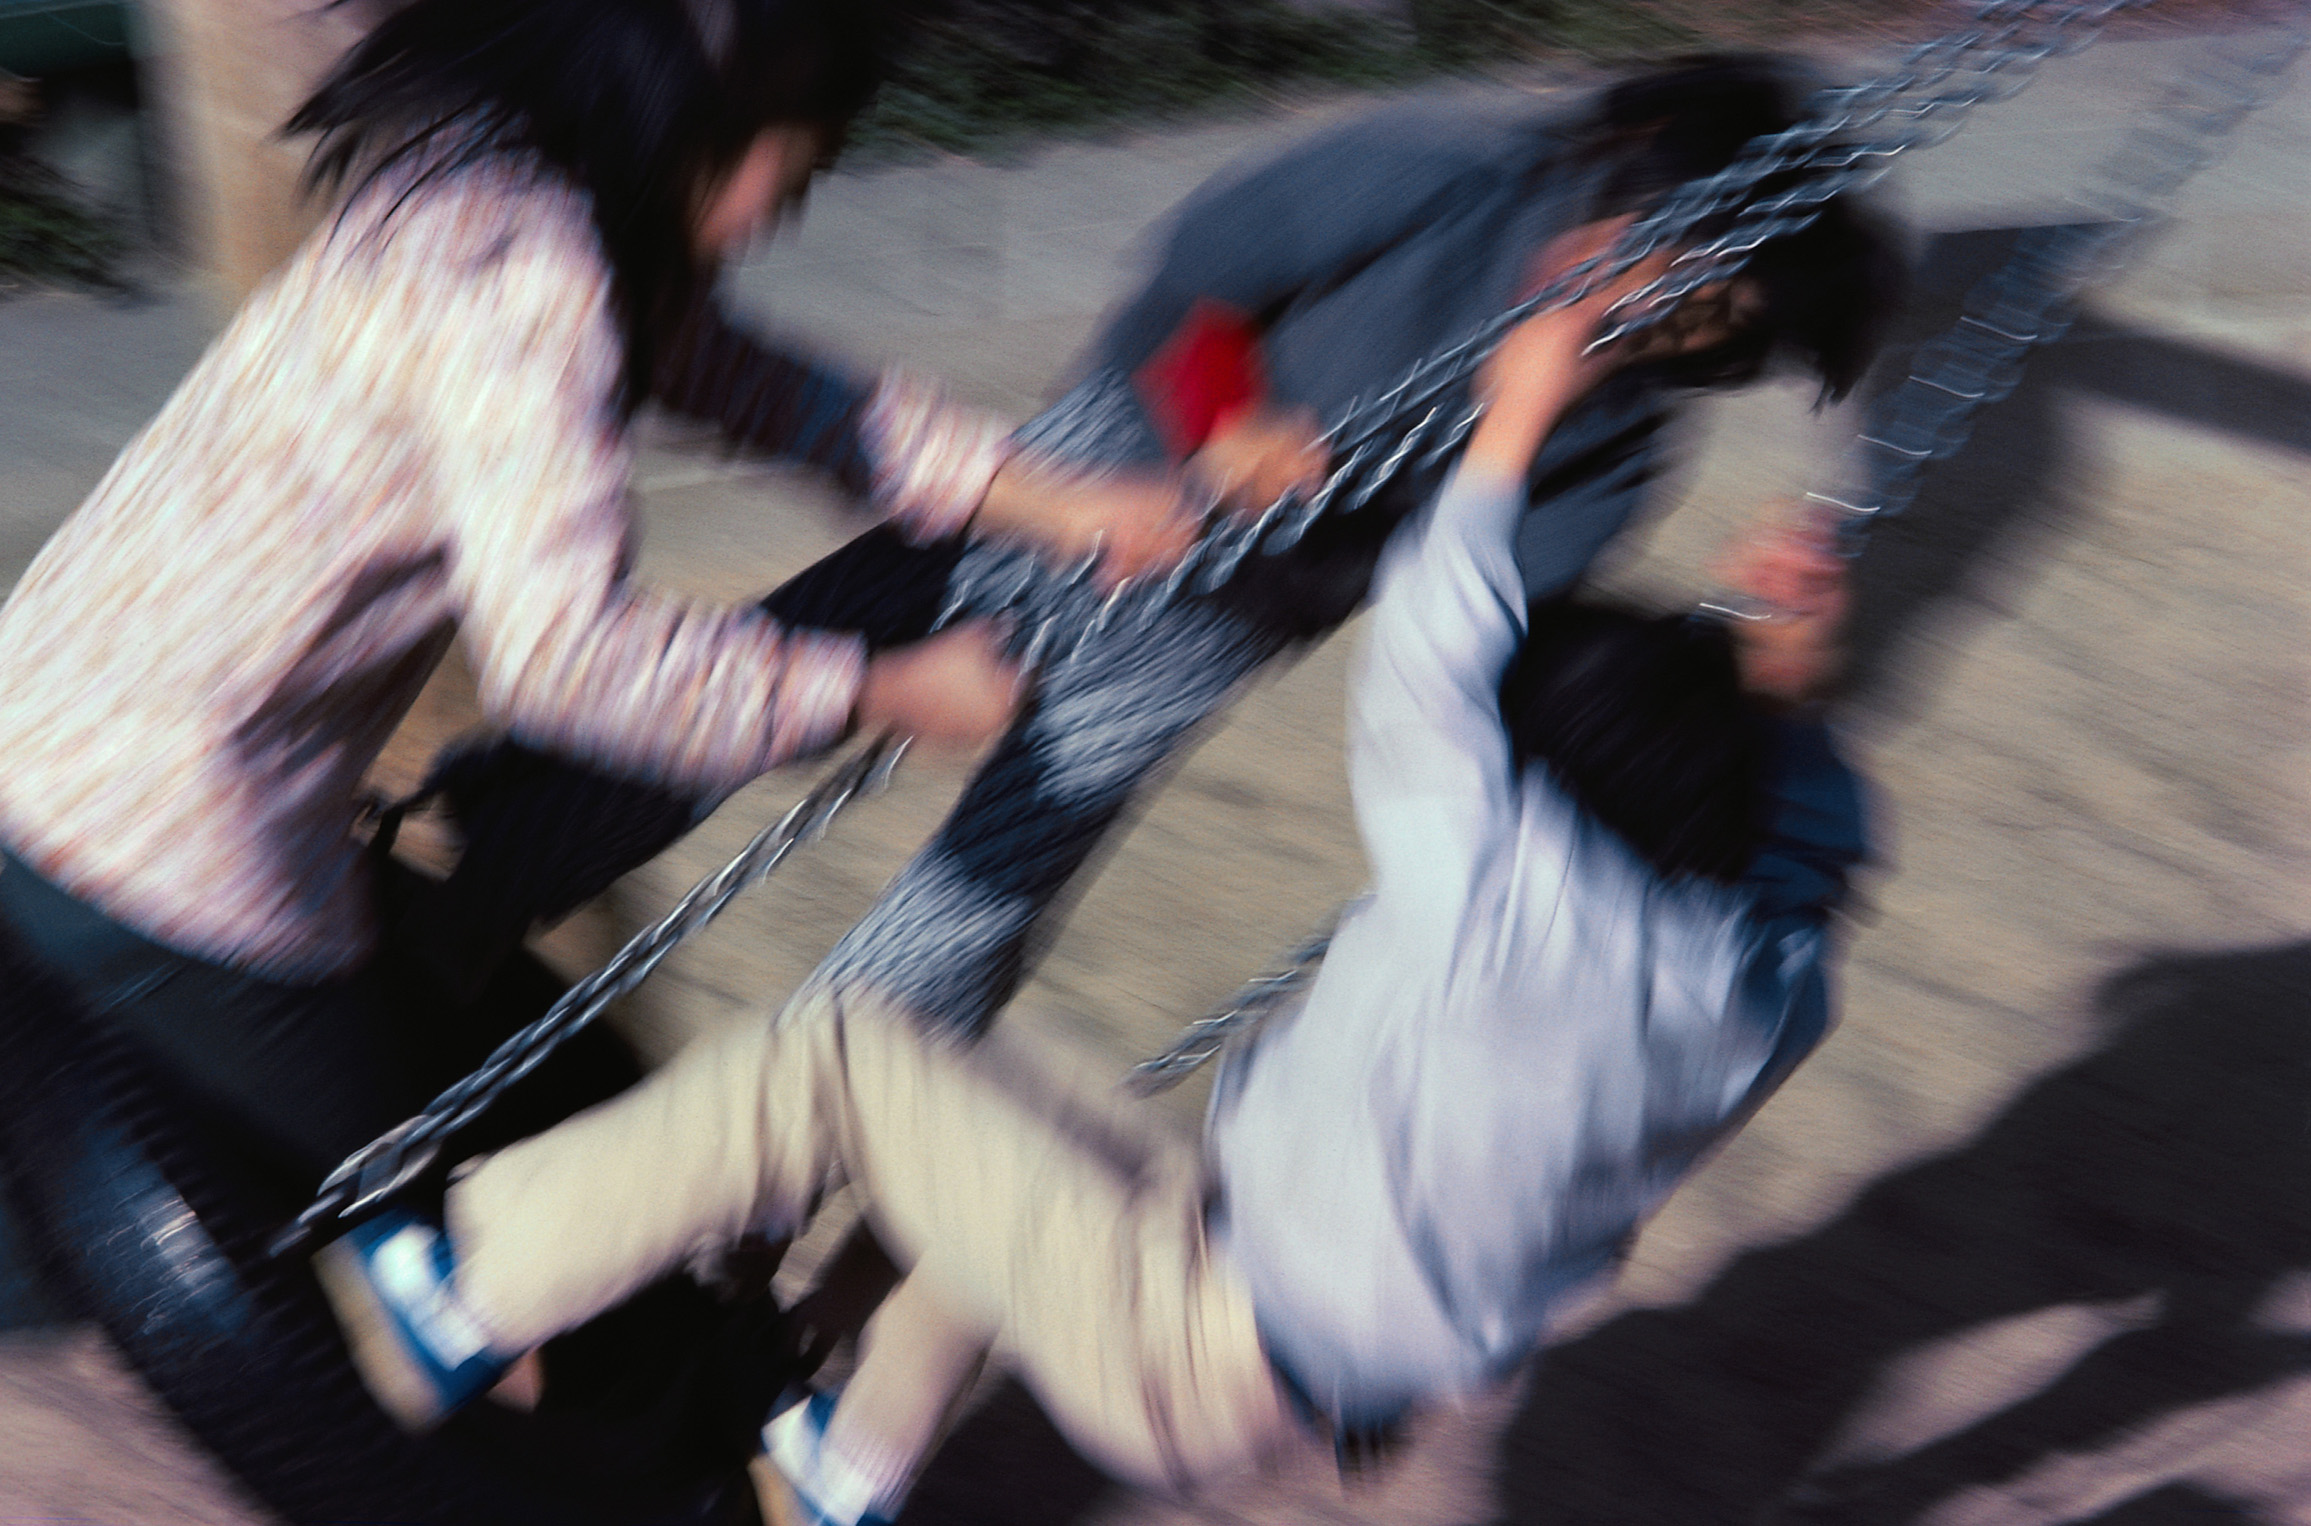 El consumo de bebidas energéticas incrementa el riesgo de sufrir TDAH en los adolescentes